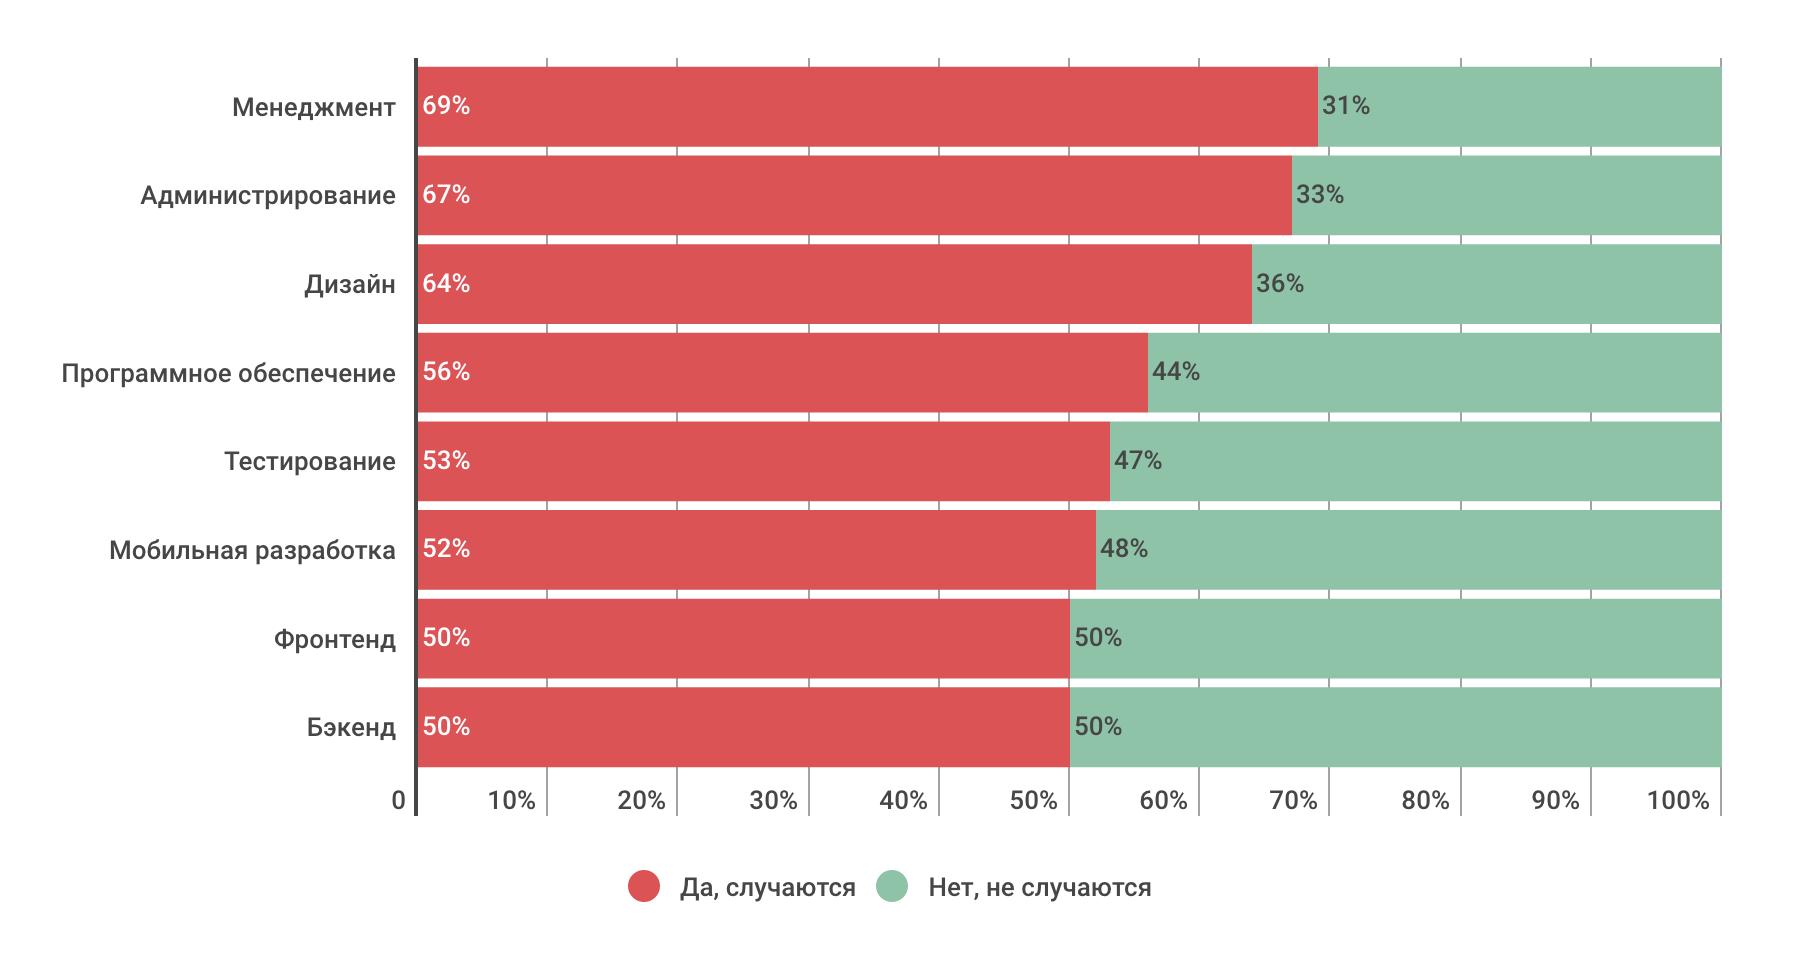 Насколько разработчики конфликтные — инфографика по результатам опроса на «Моем круге» - 3